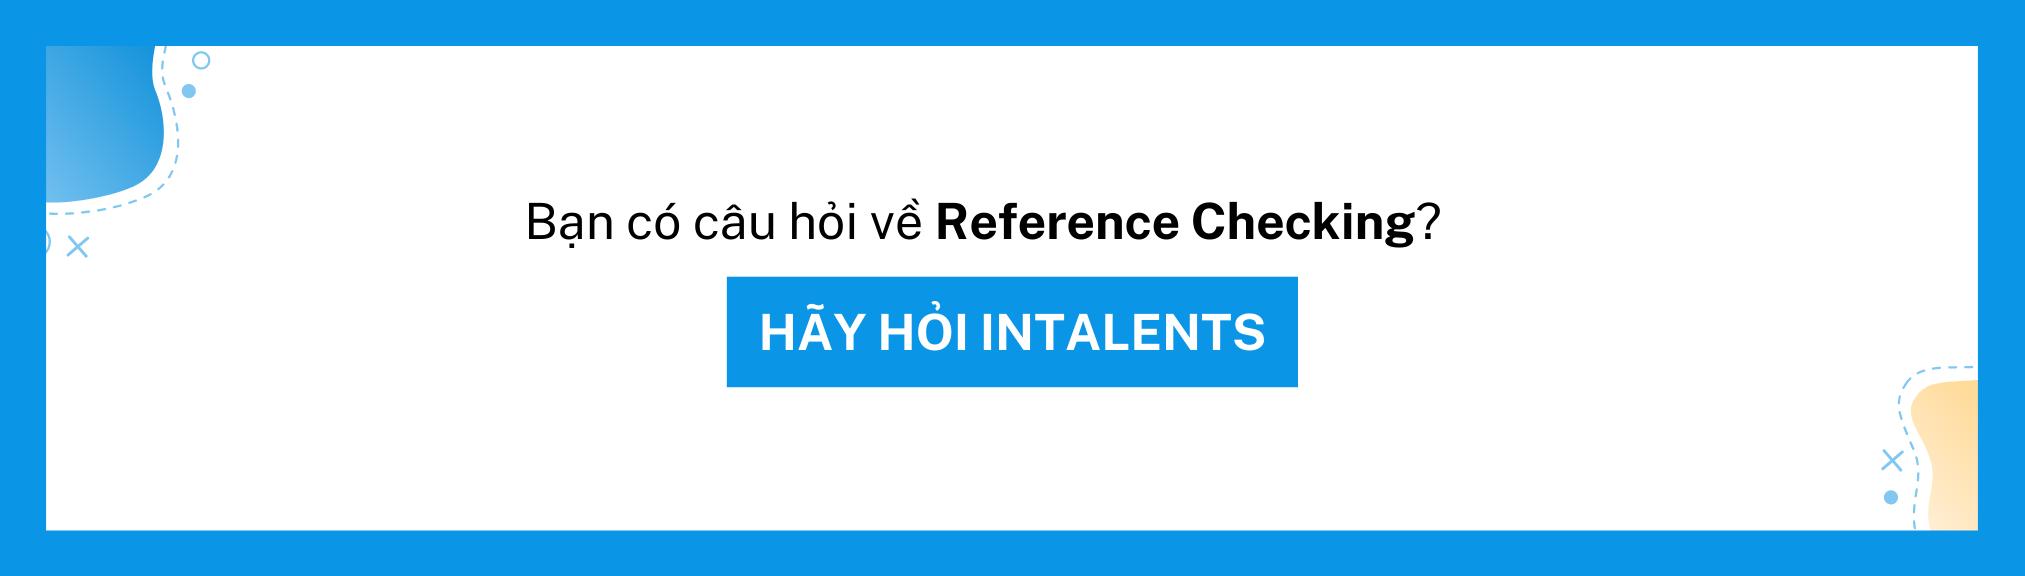 intalents-hướng-dẫn-xác-minh-thông-tin-ứng-viên-reference-checking-cta-2-cropped